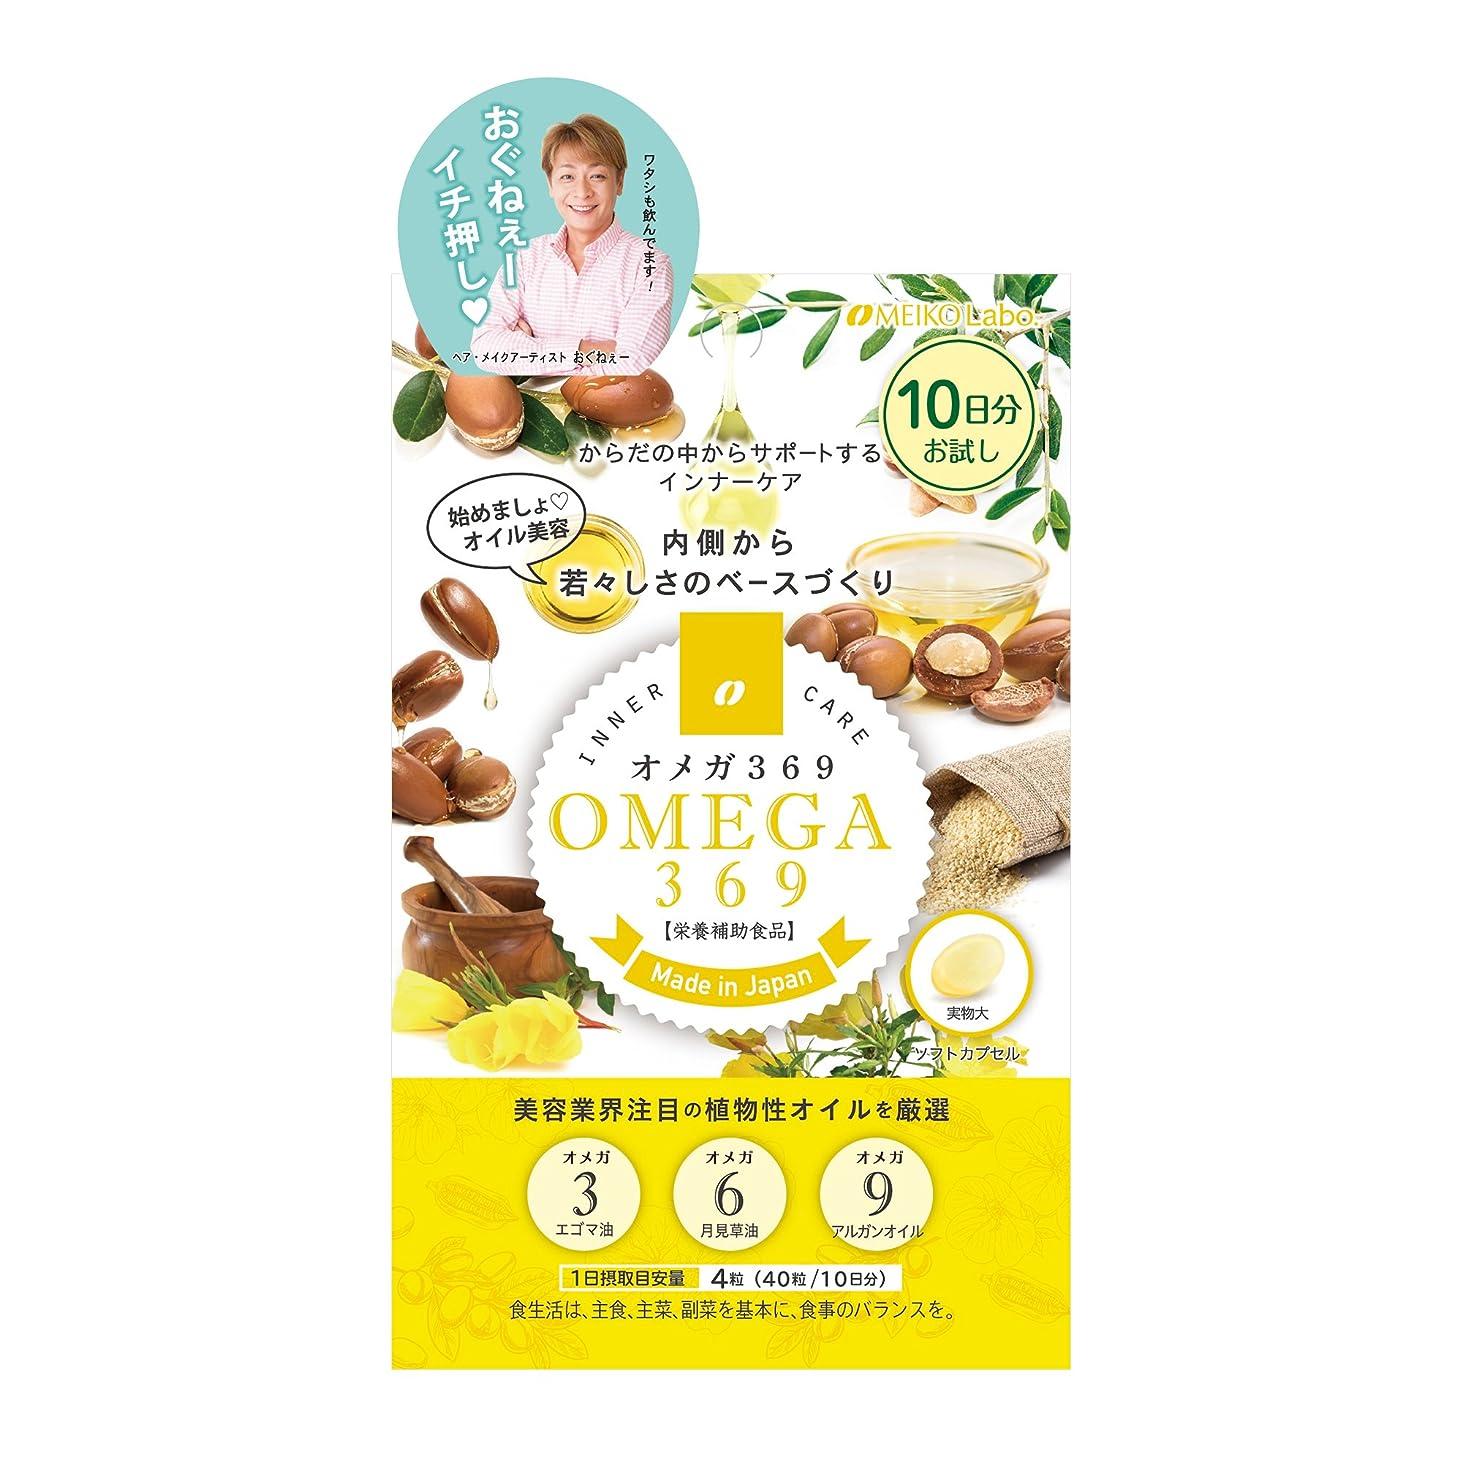 バーベキューヘッドレスカプセルオメガ3 6 9 10日分 40粒 サプリメント お試し ( 栄養補助食品 日本製 ) 【 メイコーラボ 】